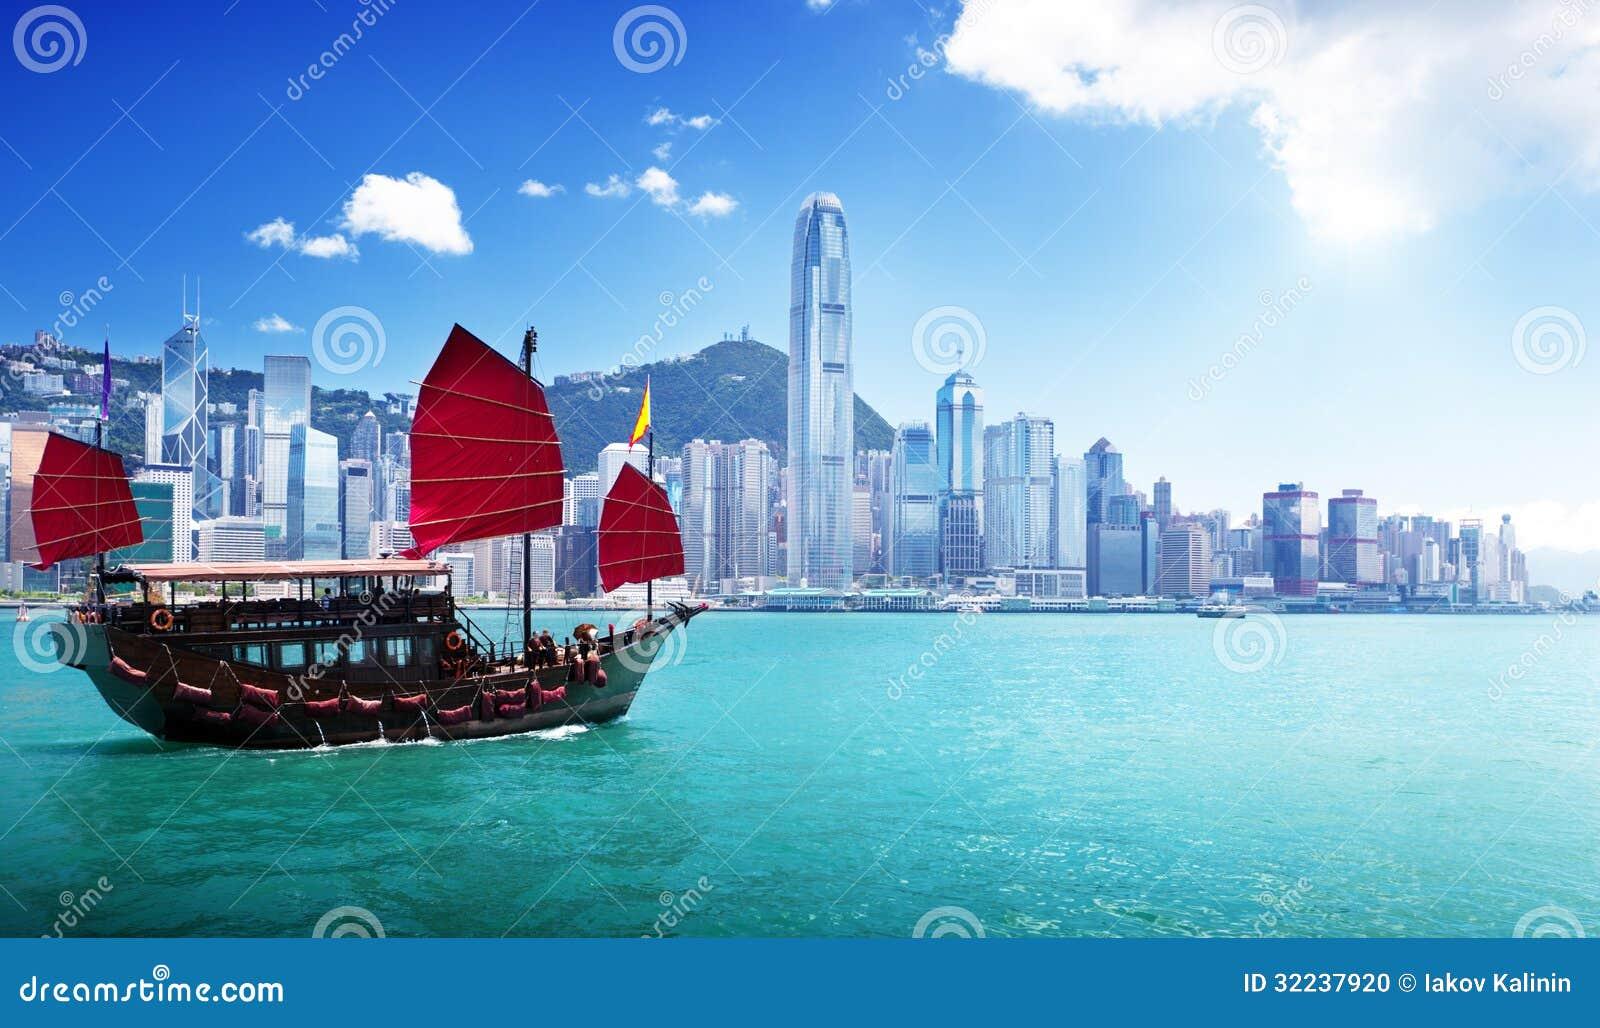 Hong Kong Harbour Tour Junk